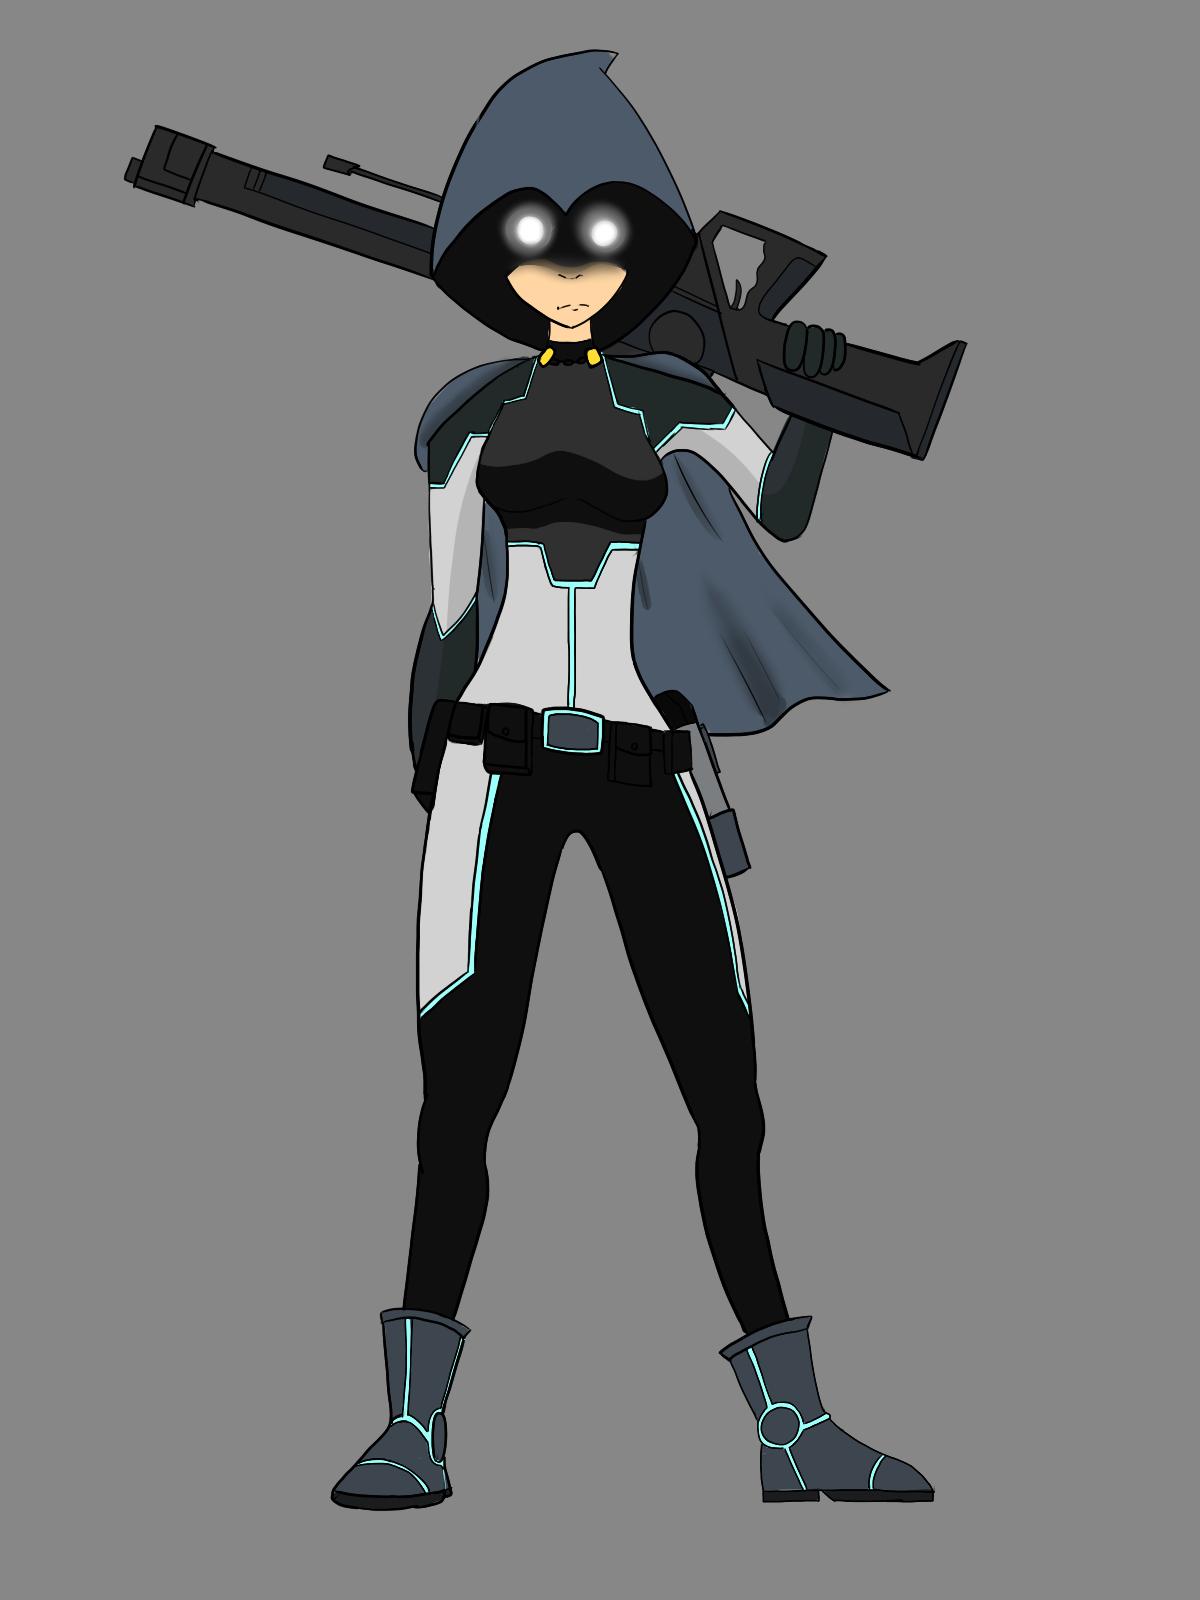 Sci-fi Sniper Girl